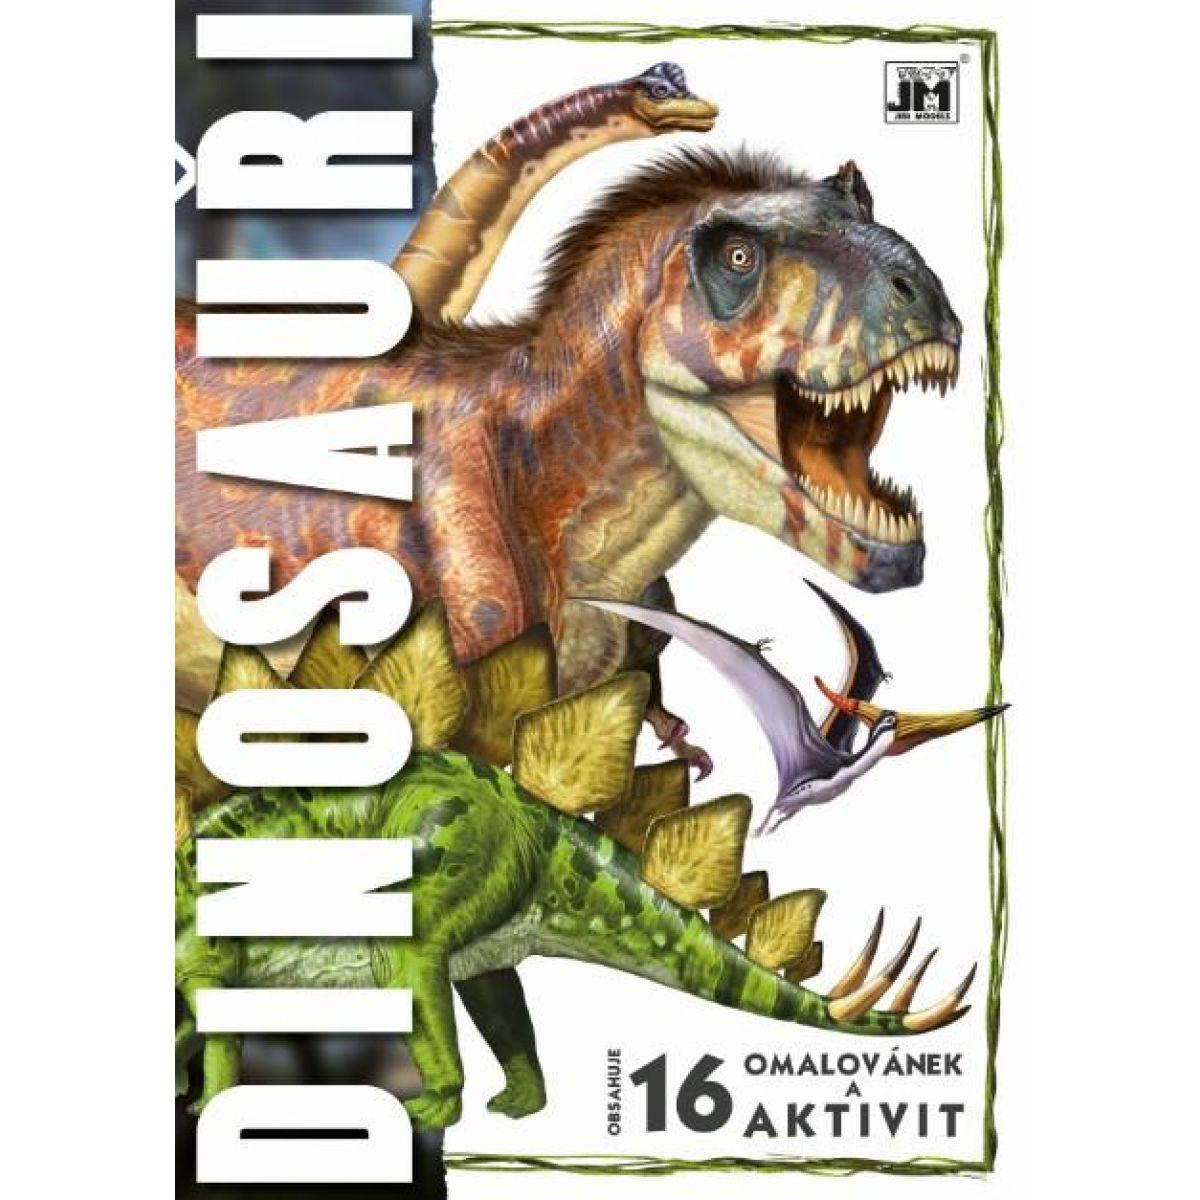 Jiri Models Omalovánky Dinosauři A4